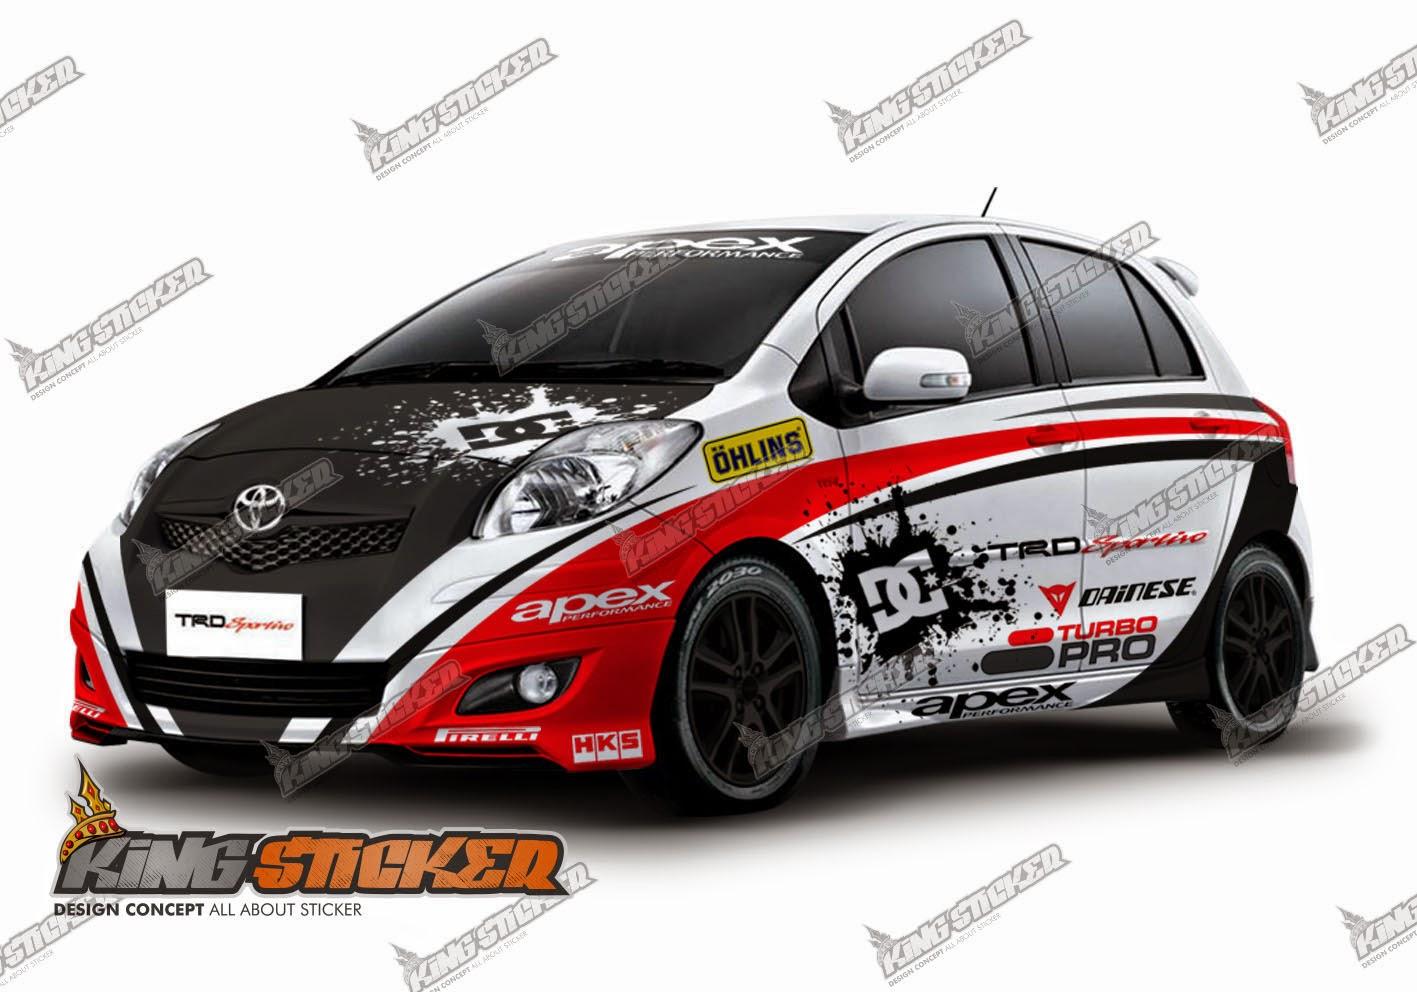 Jasa Pasang Cutting Sticker Mobil Surabaya - AzkaWrap.com